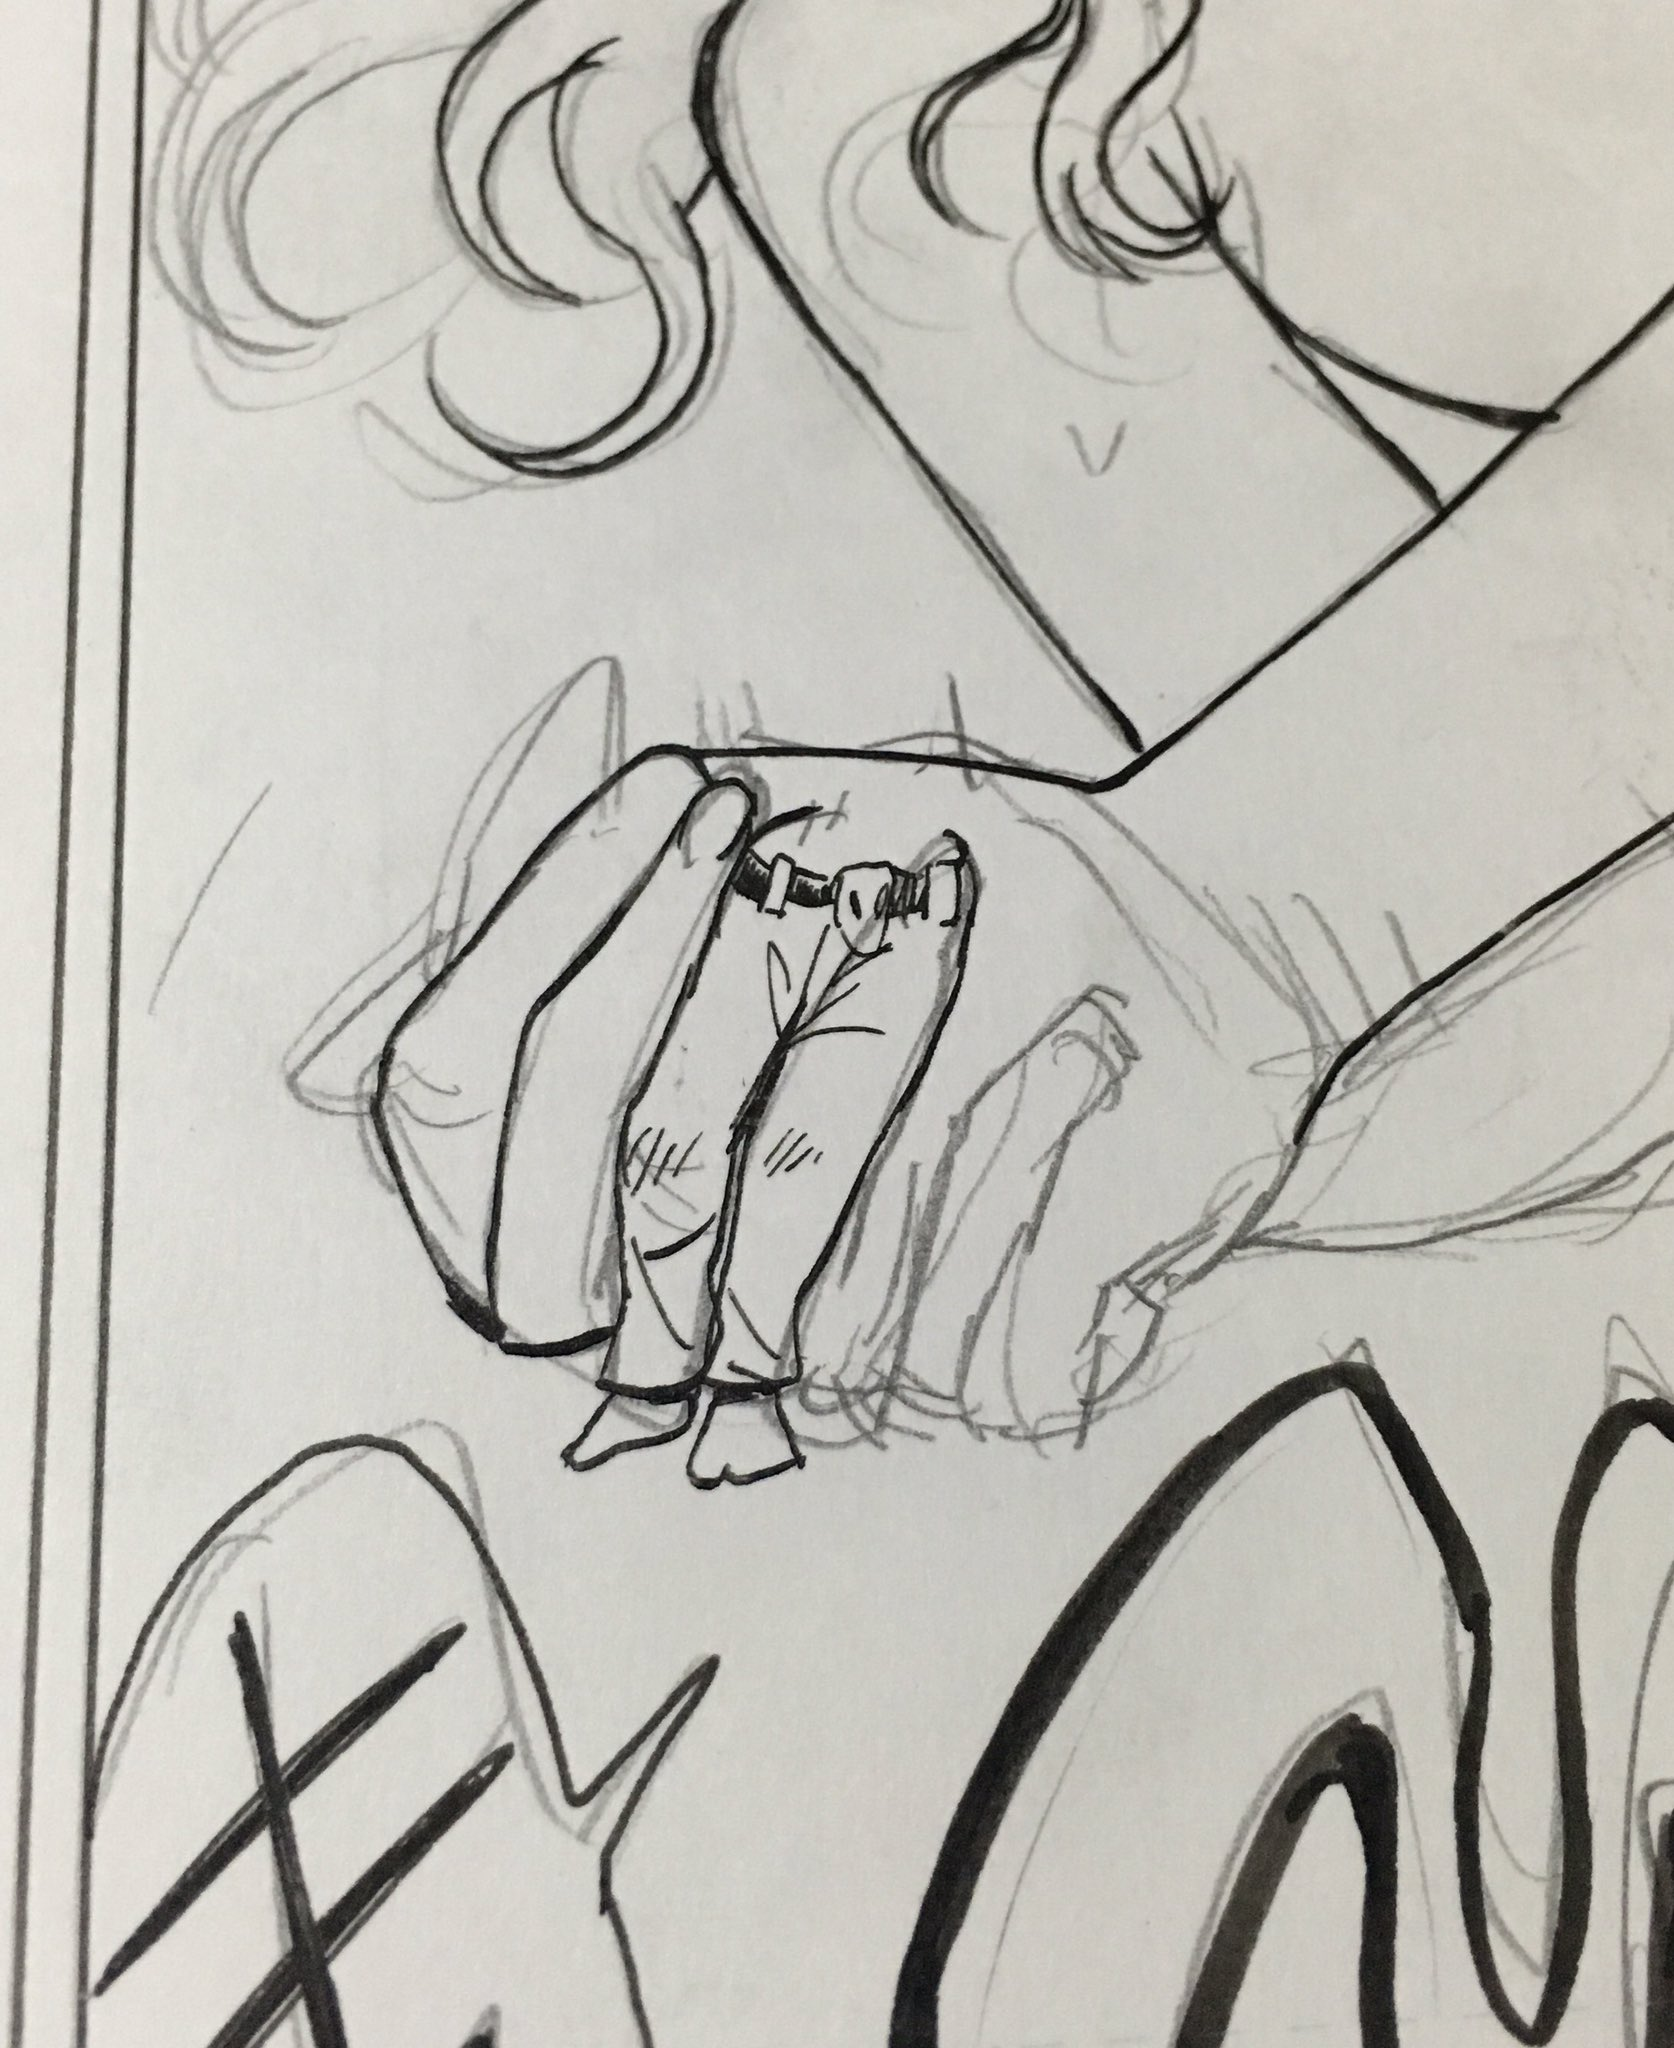 睡魔に抗いながら描いてた原稿。酷い。我ながらこれは酷い。「手」ですよ、これ。「手」を描いたんですよ。下半身じゃなくて。もう一度言いますね、これは「手」です ♯無理せず寝ろ